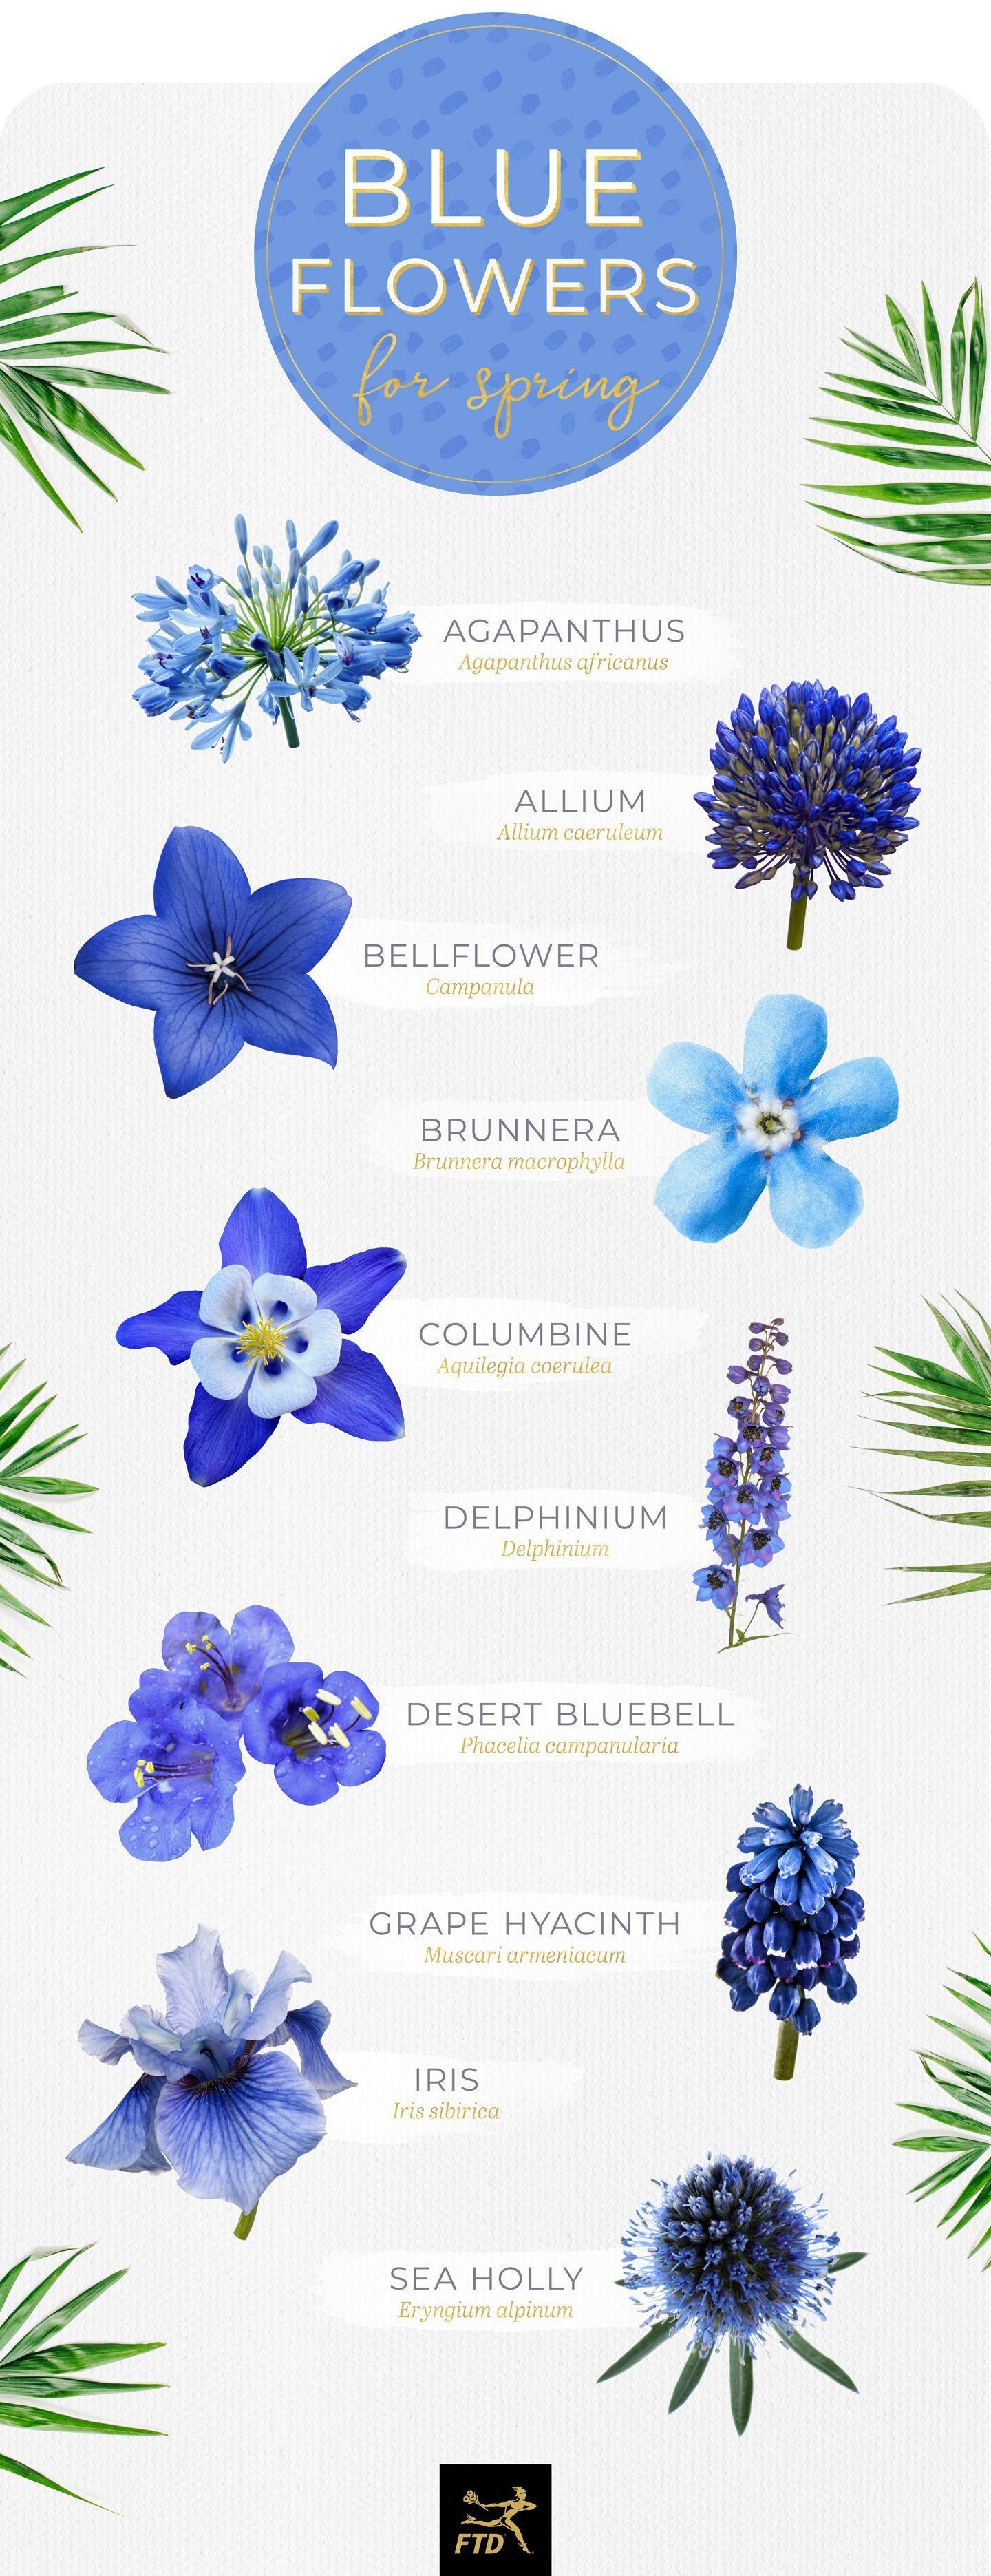 30 Types of Blue Flowers - FTD.com #blueflowerwallpaper